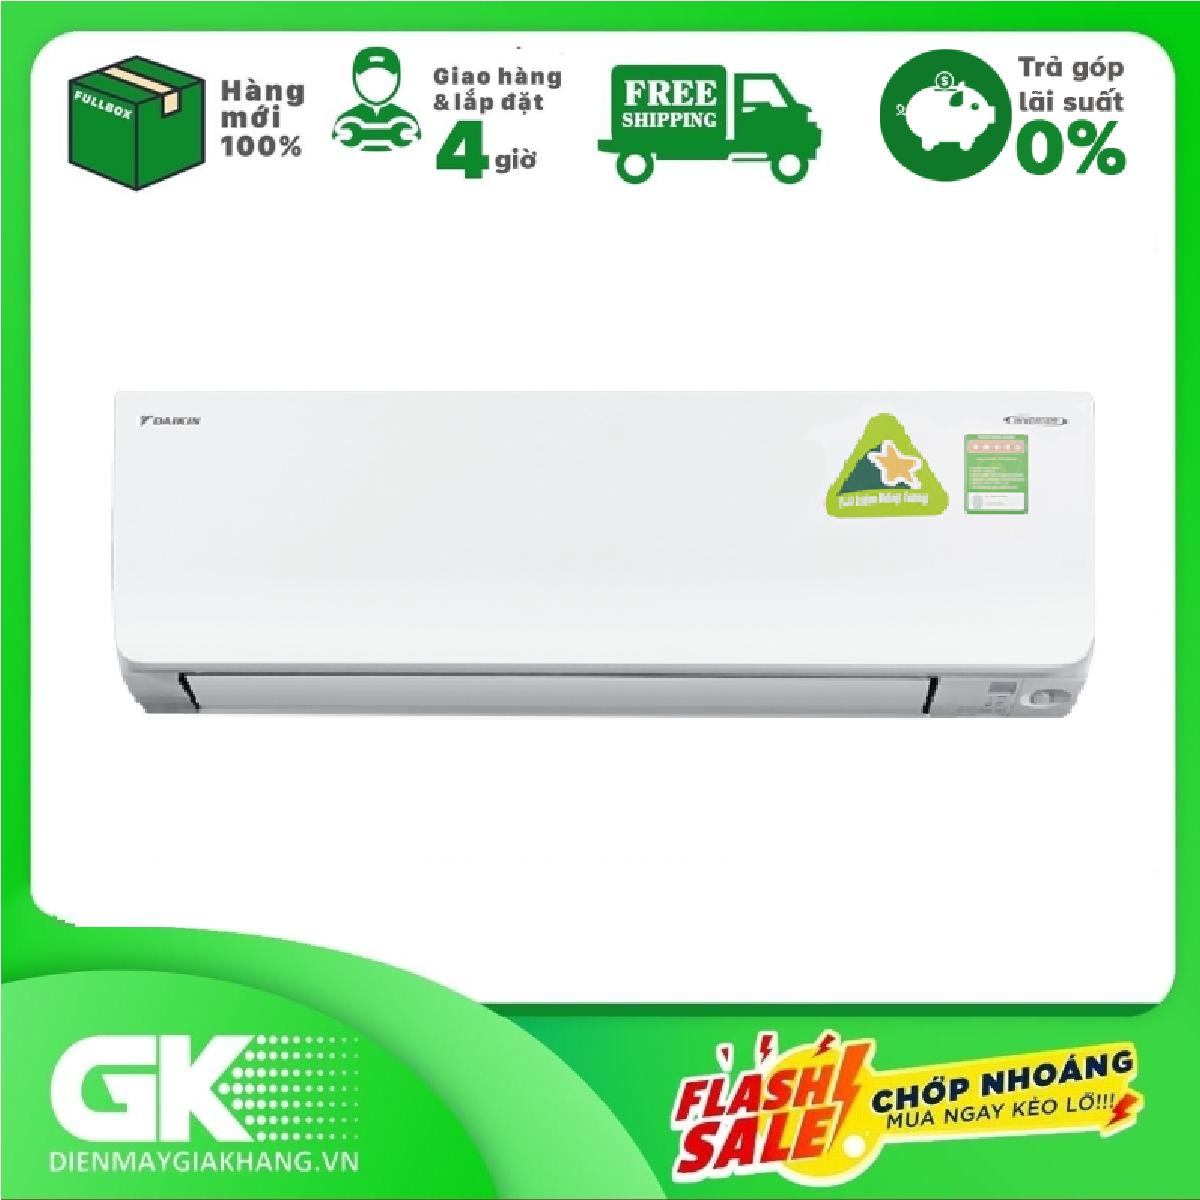 [GIAO HÀNG 2 - 15 NGÀY, TRỄ NHẤT 30.09] TRẢ GÓP 0% - Máy lạnh Daikin Inverter 1 HP FTKM25SVMV- Bảo hành 2 năm